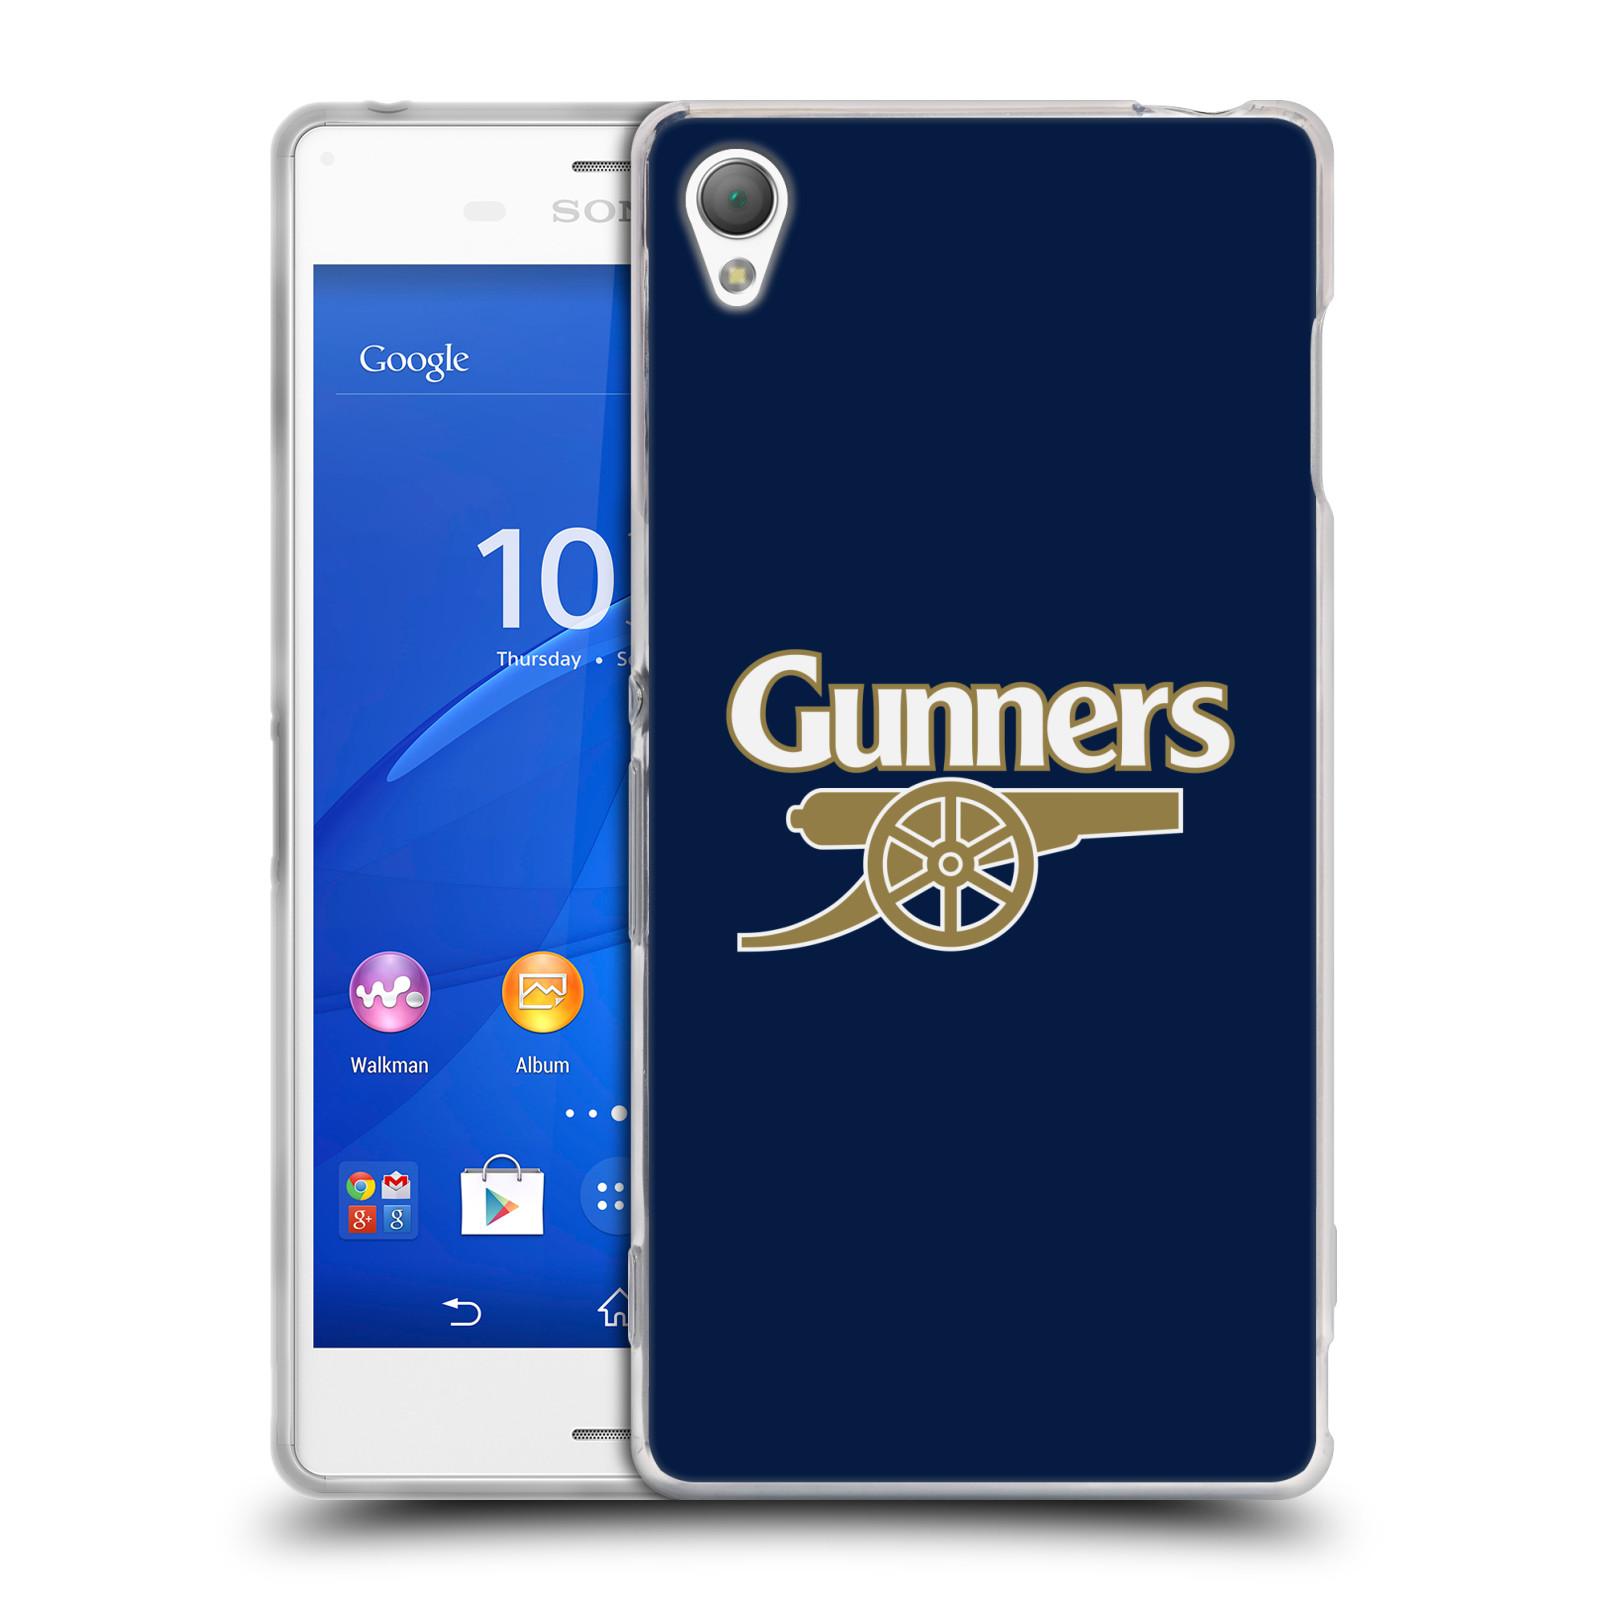 Silikonové pouzdro na mobil Sony Xperia Z3 D6603 - Head Case - Arsenal FC - Gunners